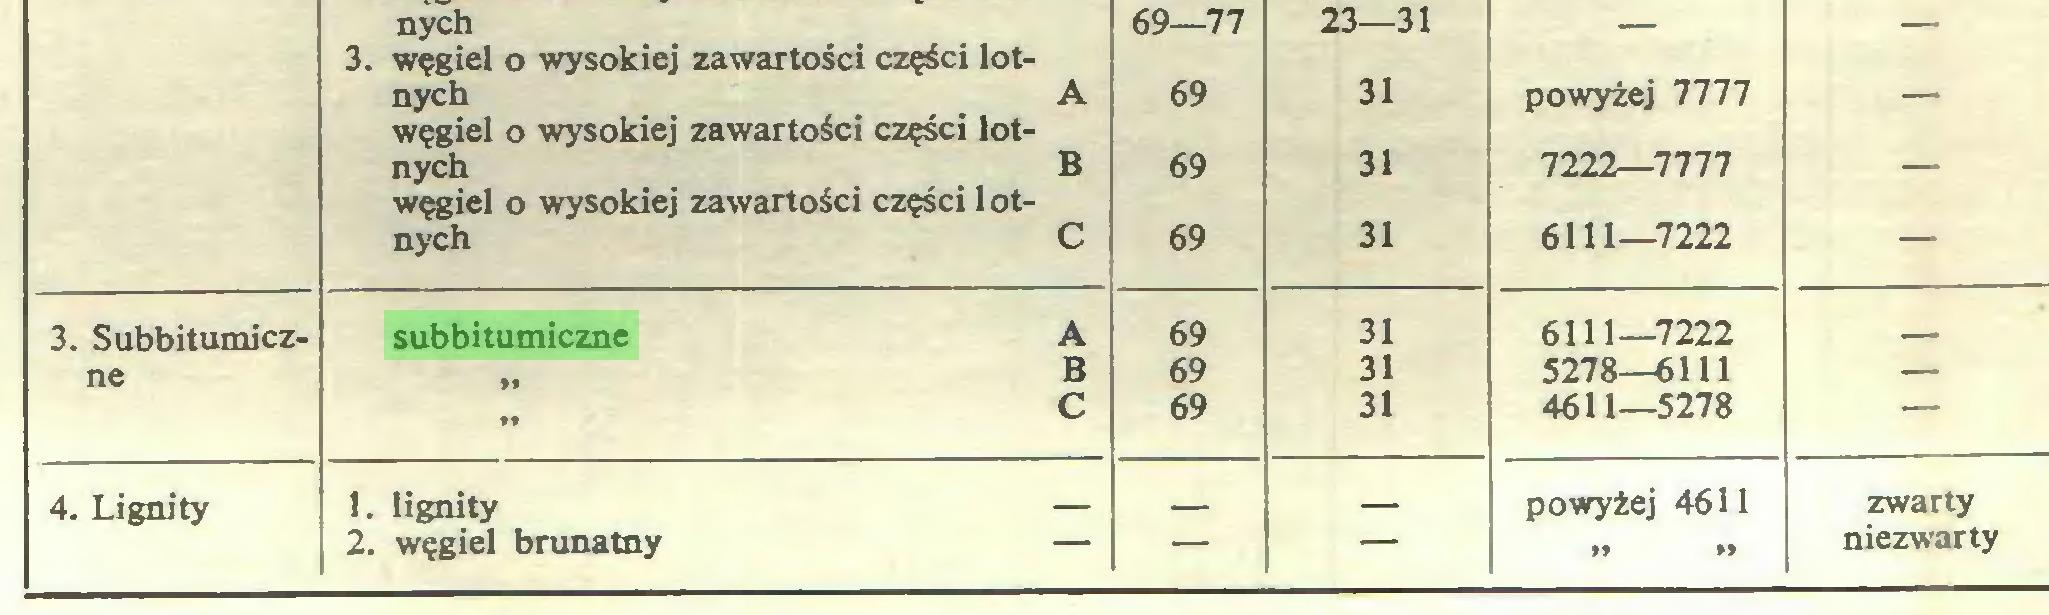 (...) 3. węgiel o wysokiej zawartości części lot- 69—77 23—31 — — nych A węgiel o wysokiej zawartości części lot- 69 31 powyżej 7777 — nych B węgiel o wysokiej zawartości części lot- 69 31 7222—7777 — nych C 69 31 6111—7222 — 3. Subbitumicz- subbitumiczne A 69 31 6111—7222 ne ,, B 69 31 5278—6111 — ,, c 69 31 4611—5278 — 4. Lignity 1. lignity — __   powyżej 4611 zwarty 2. węgiel brunatny — niezwarty...